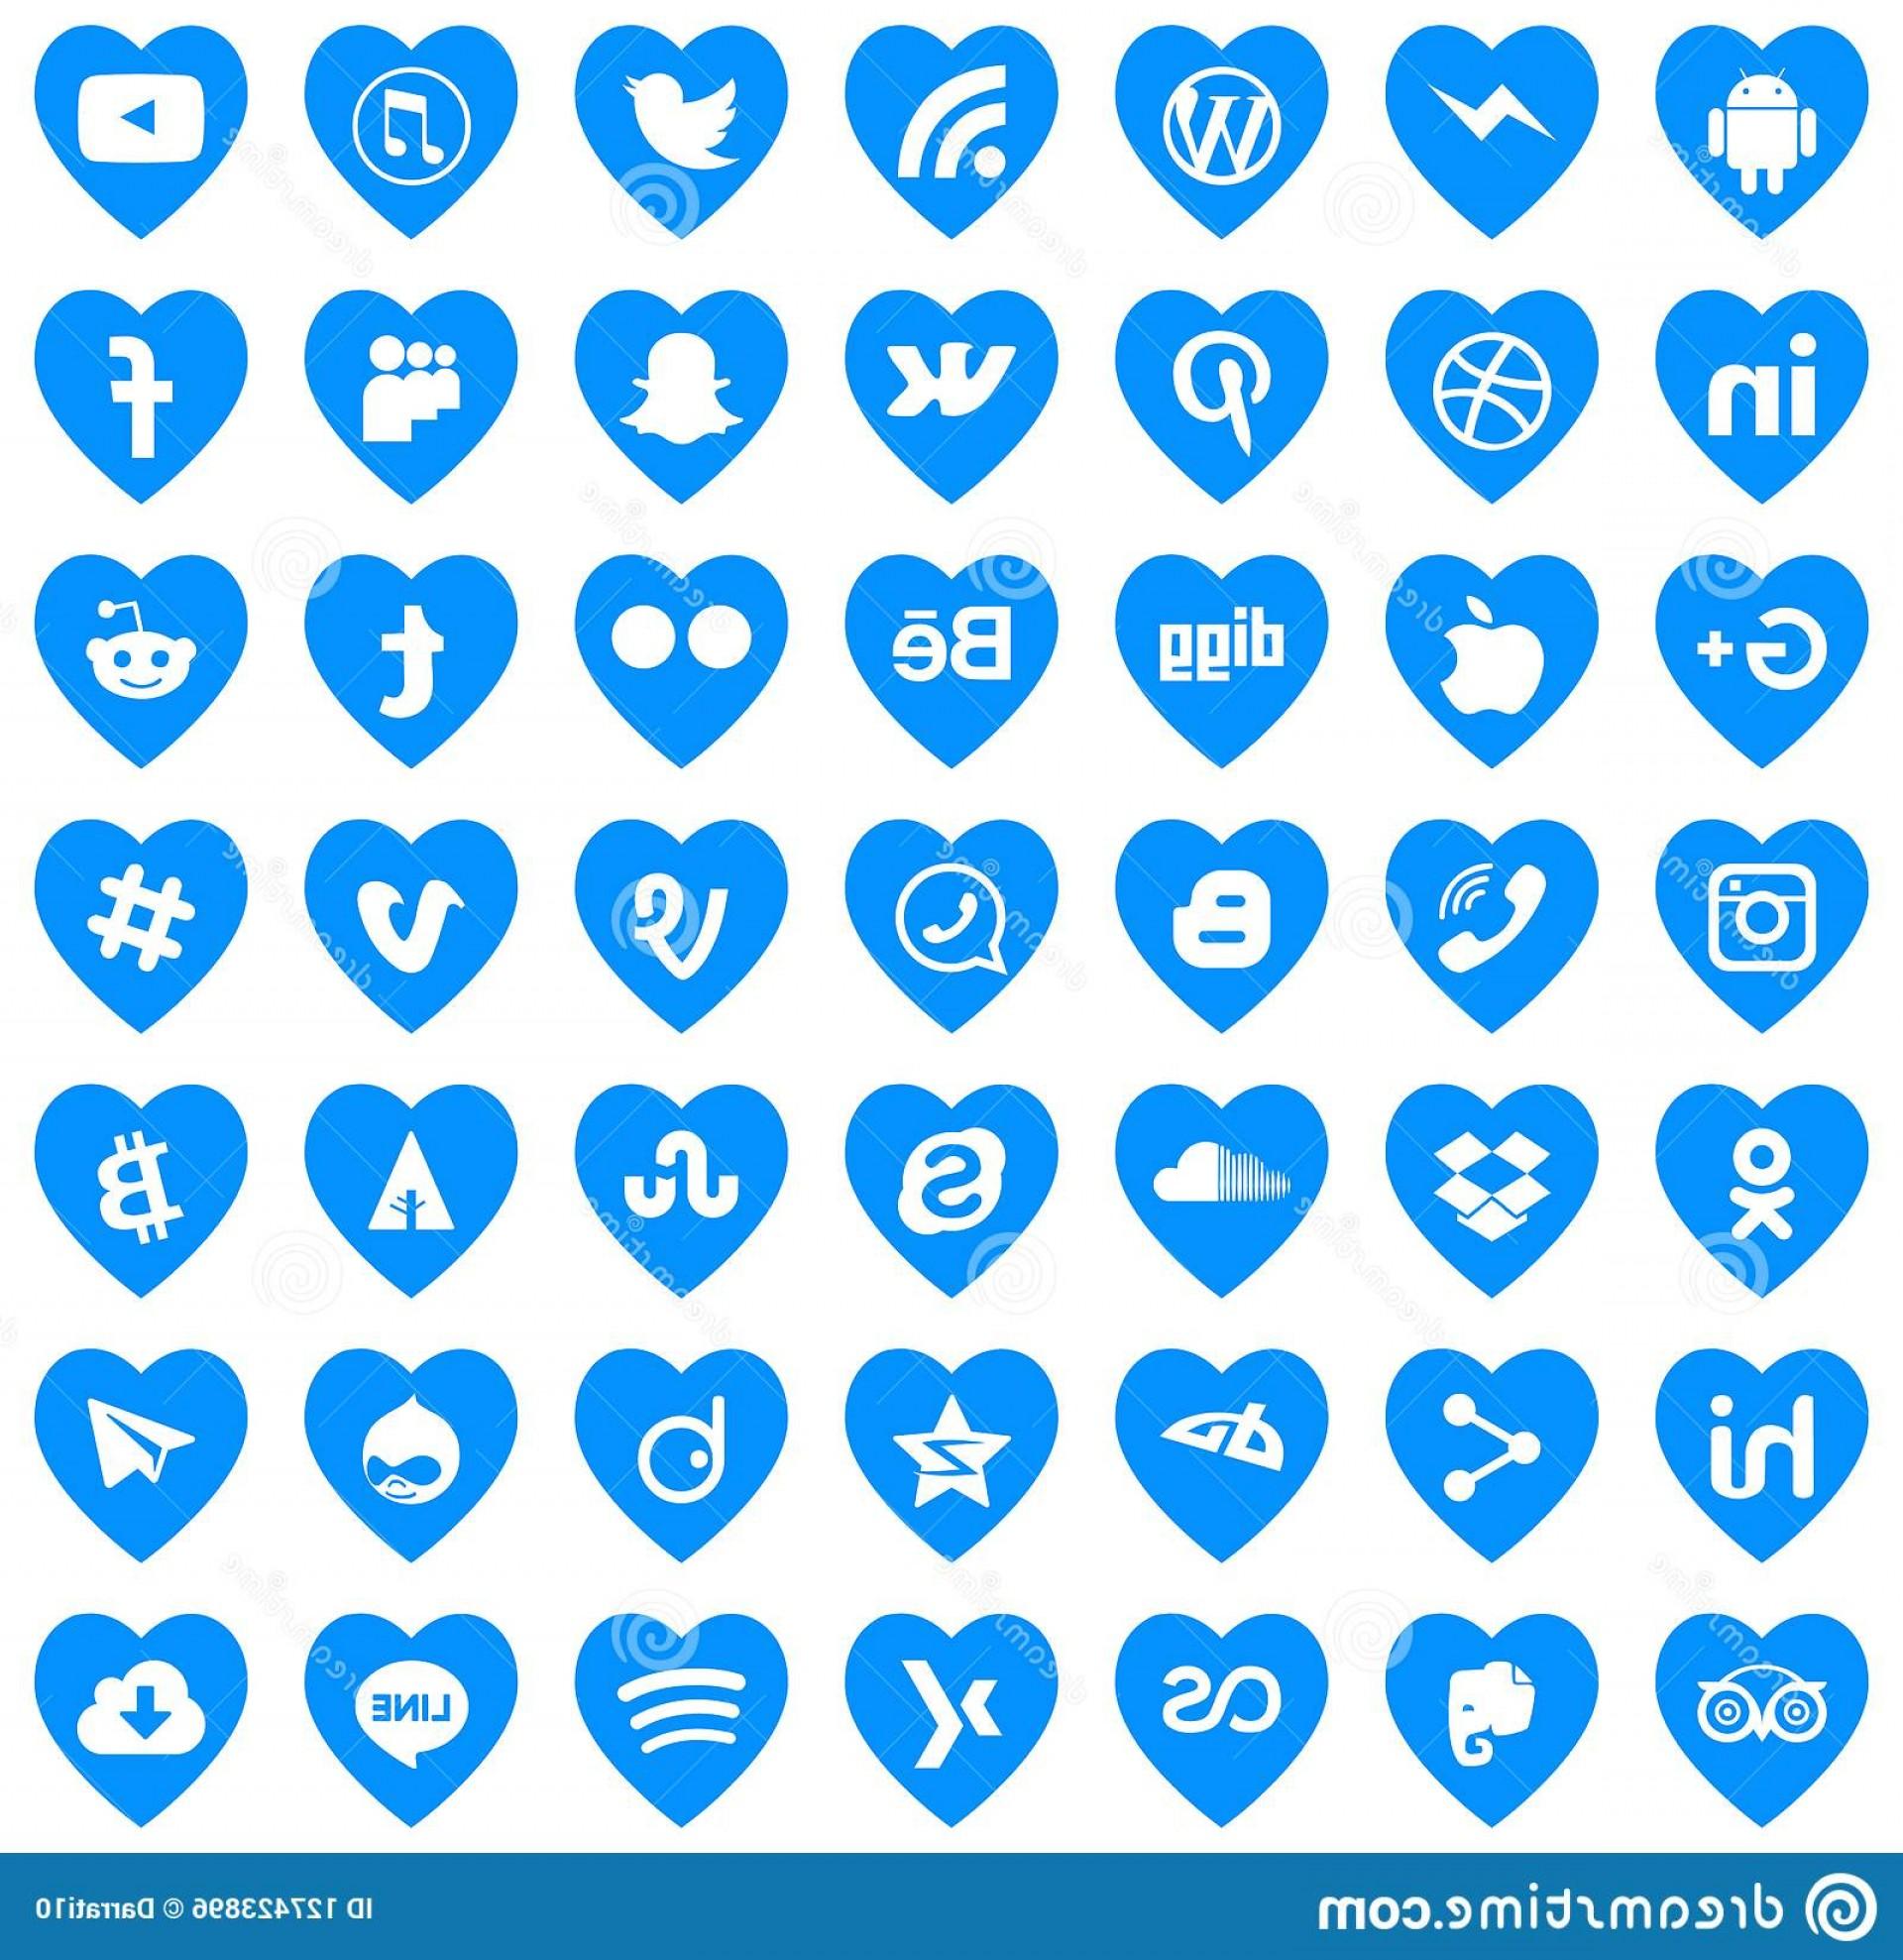 Social media icons vector clipart svg black and white stock Download Social Media Icons Vector Love Logos Networks ... svg black and white stock